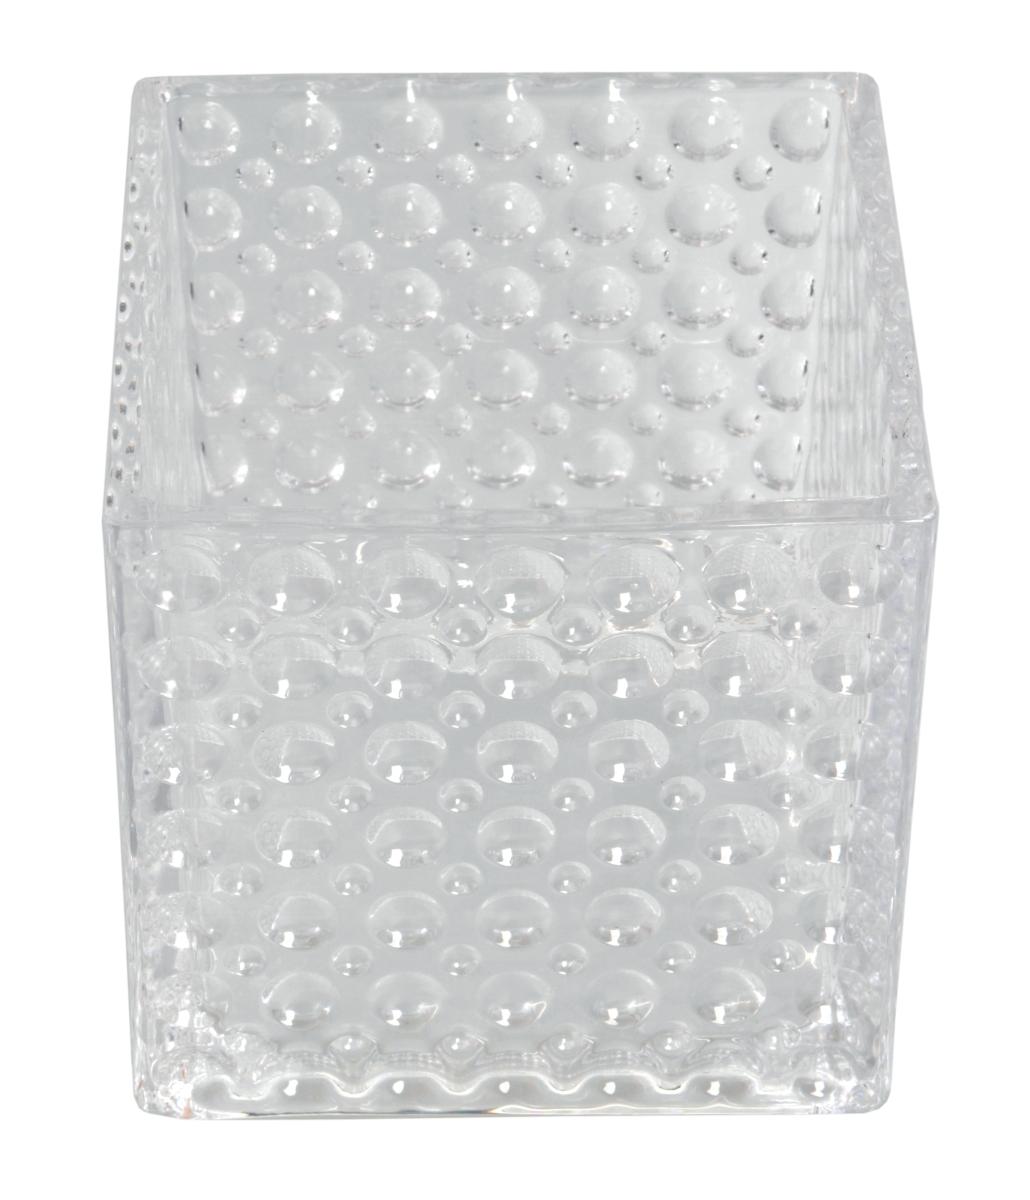 Skleněný svícen  s reliéfním povrchem š 15 x h 15 x v 14,5 cm